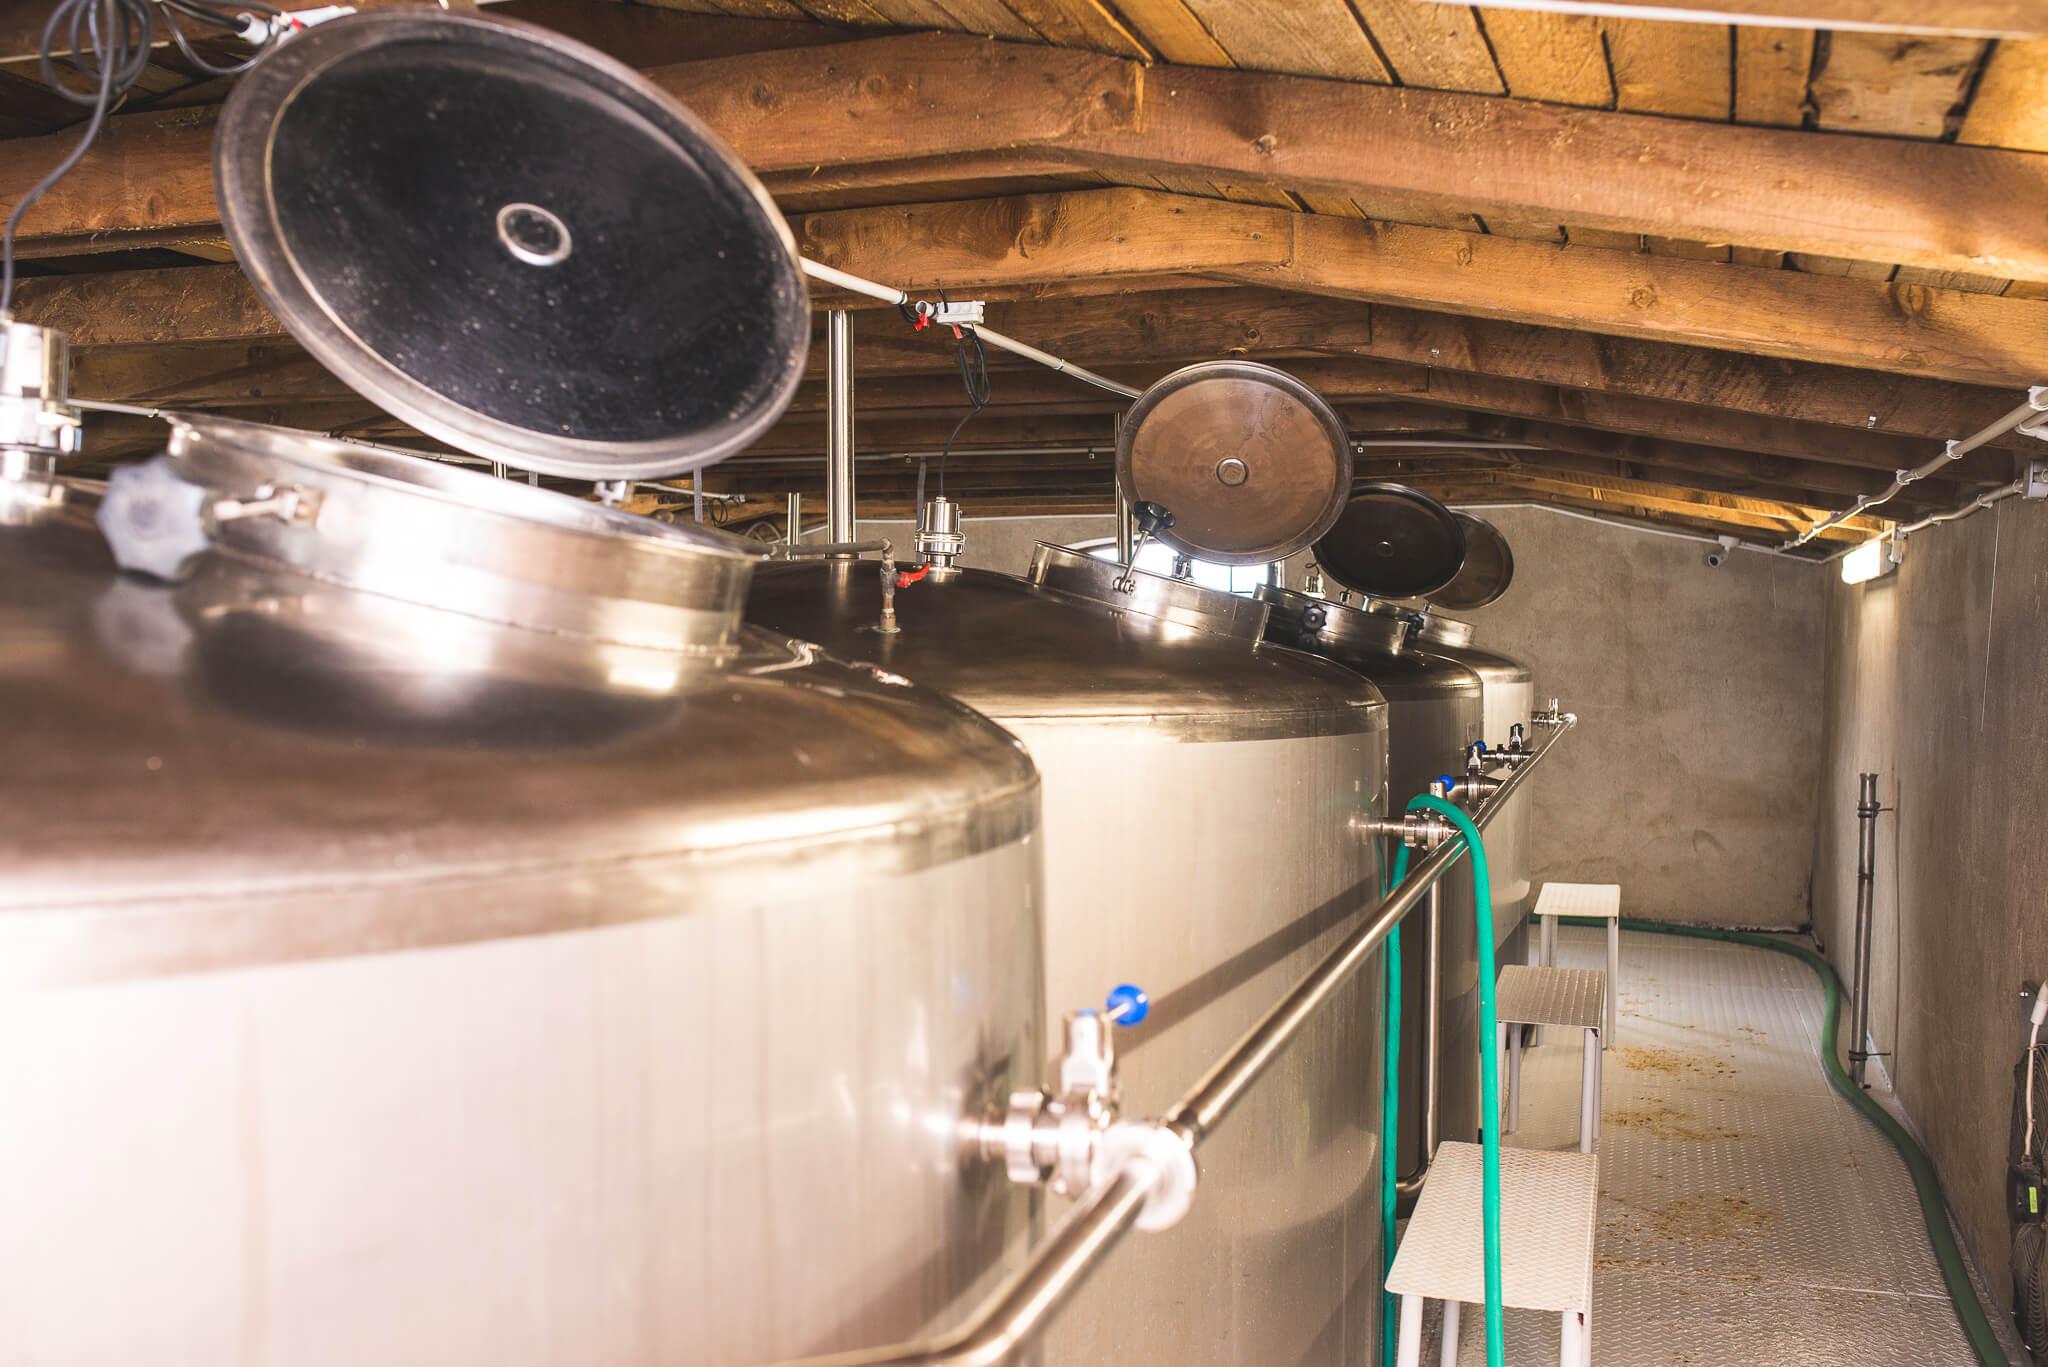 Gorzelnia Podole Wielkie 2 1 - Podole Wielkie. A distillery found on tradition